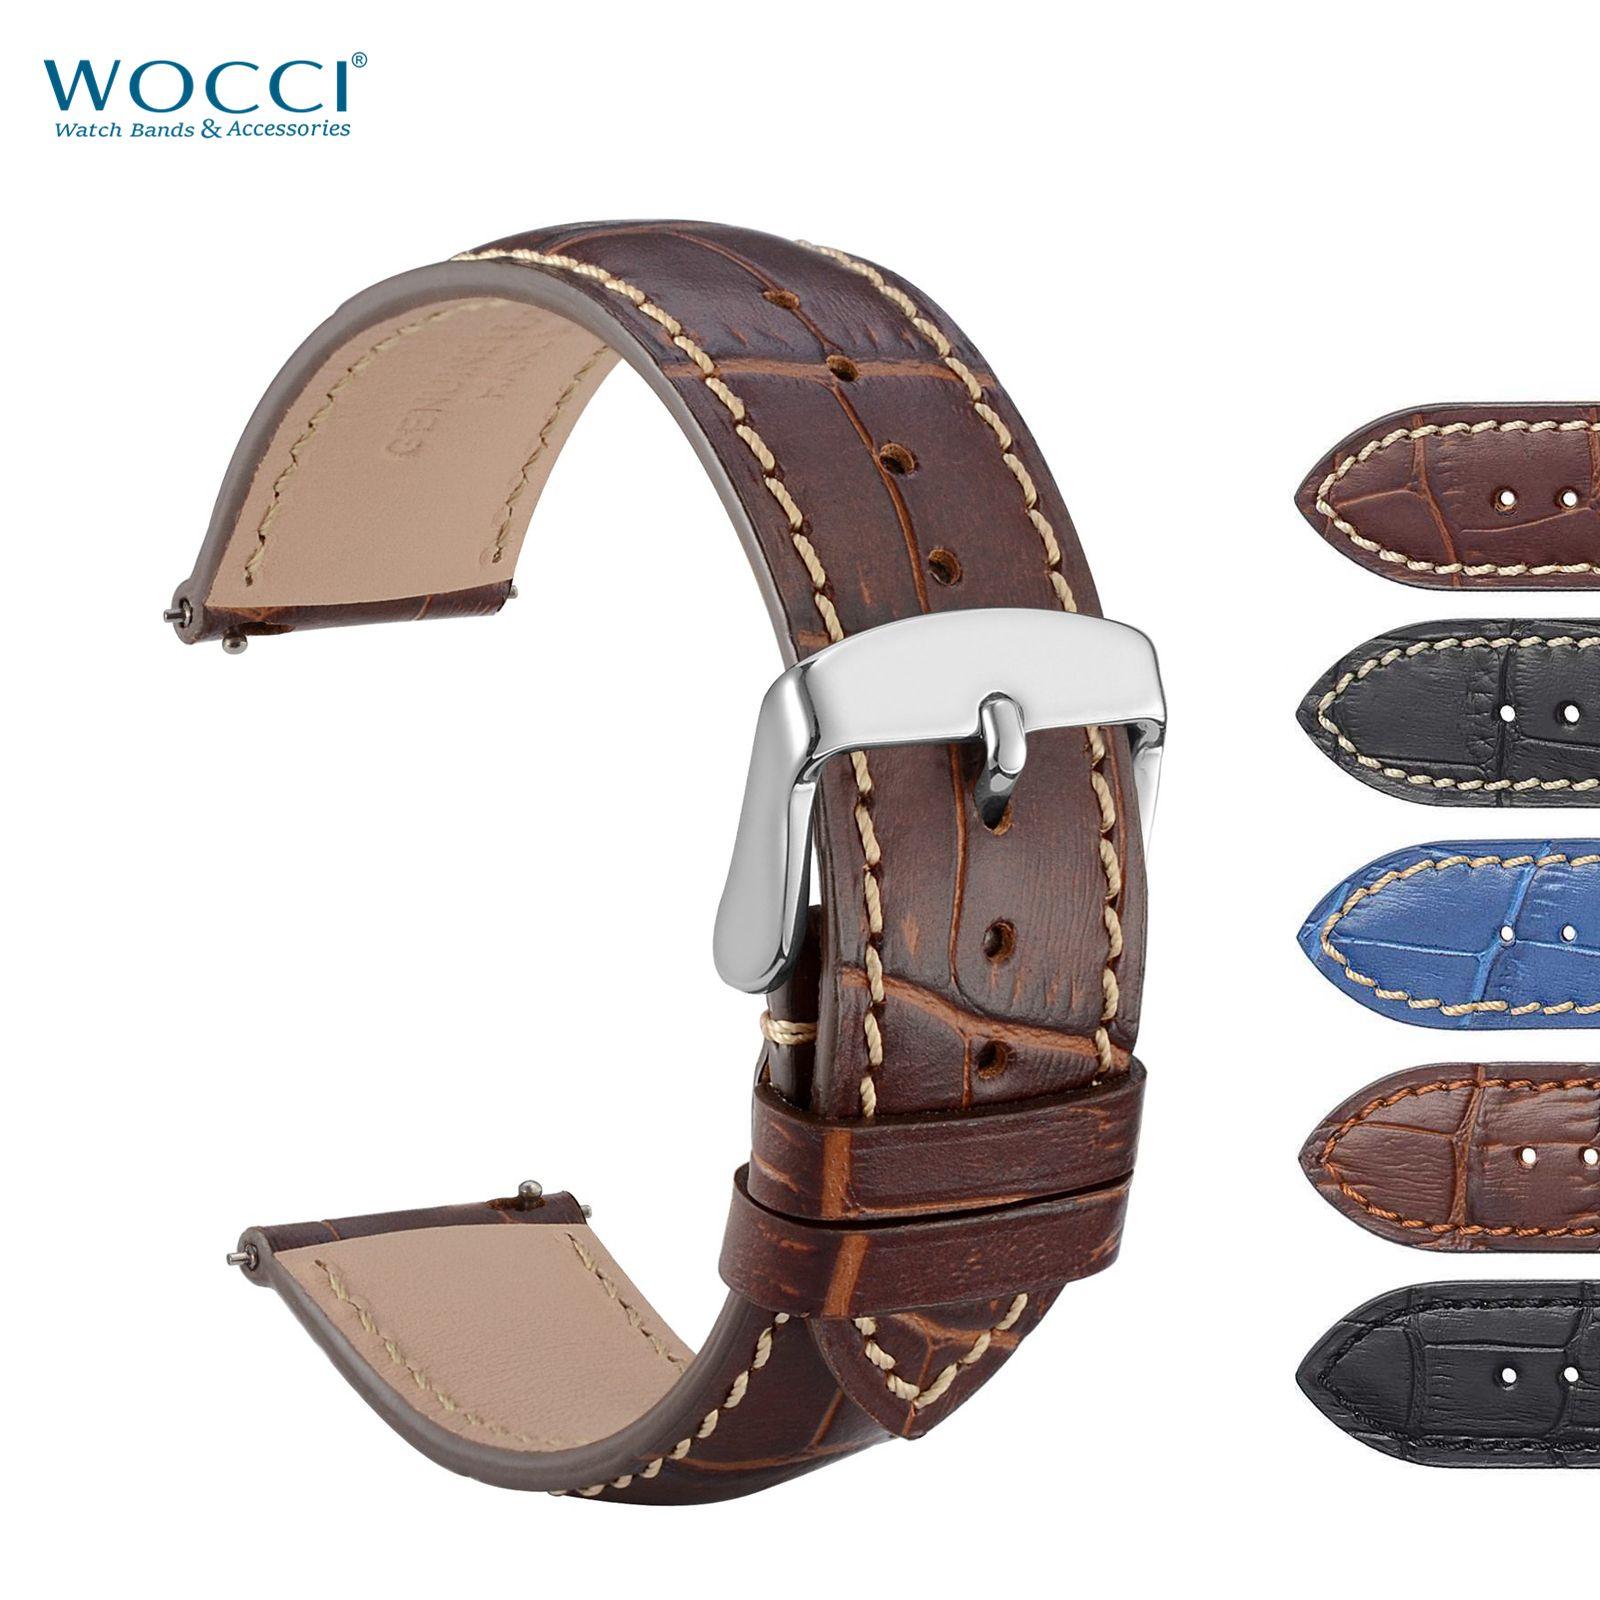 WOCCI Bandas de reloj de cuero de cocodrilo en relieve para el reloj de lujo Nuevo estilo de liberación rápida hombres mujeres reloj correa de reemplazo pulsera